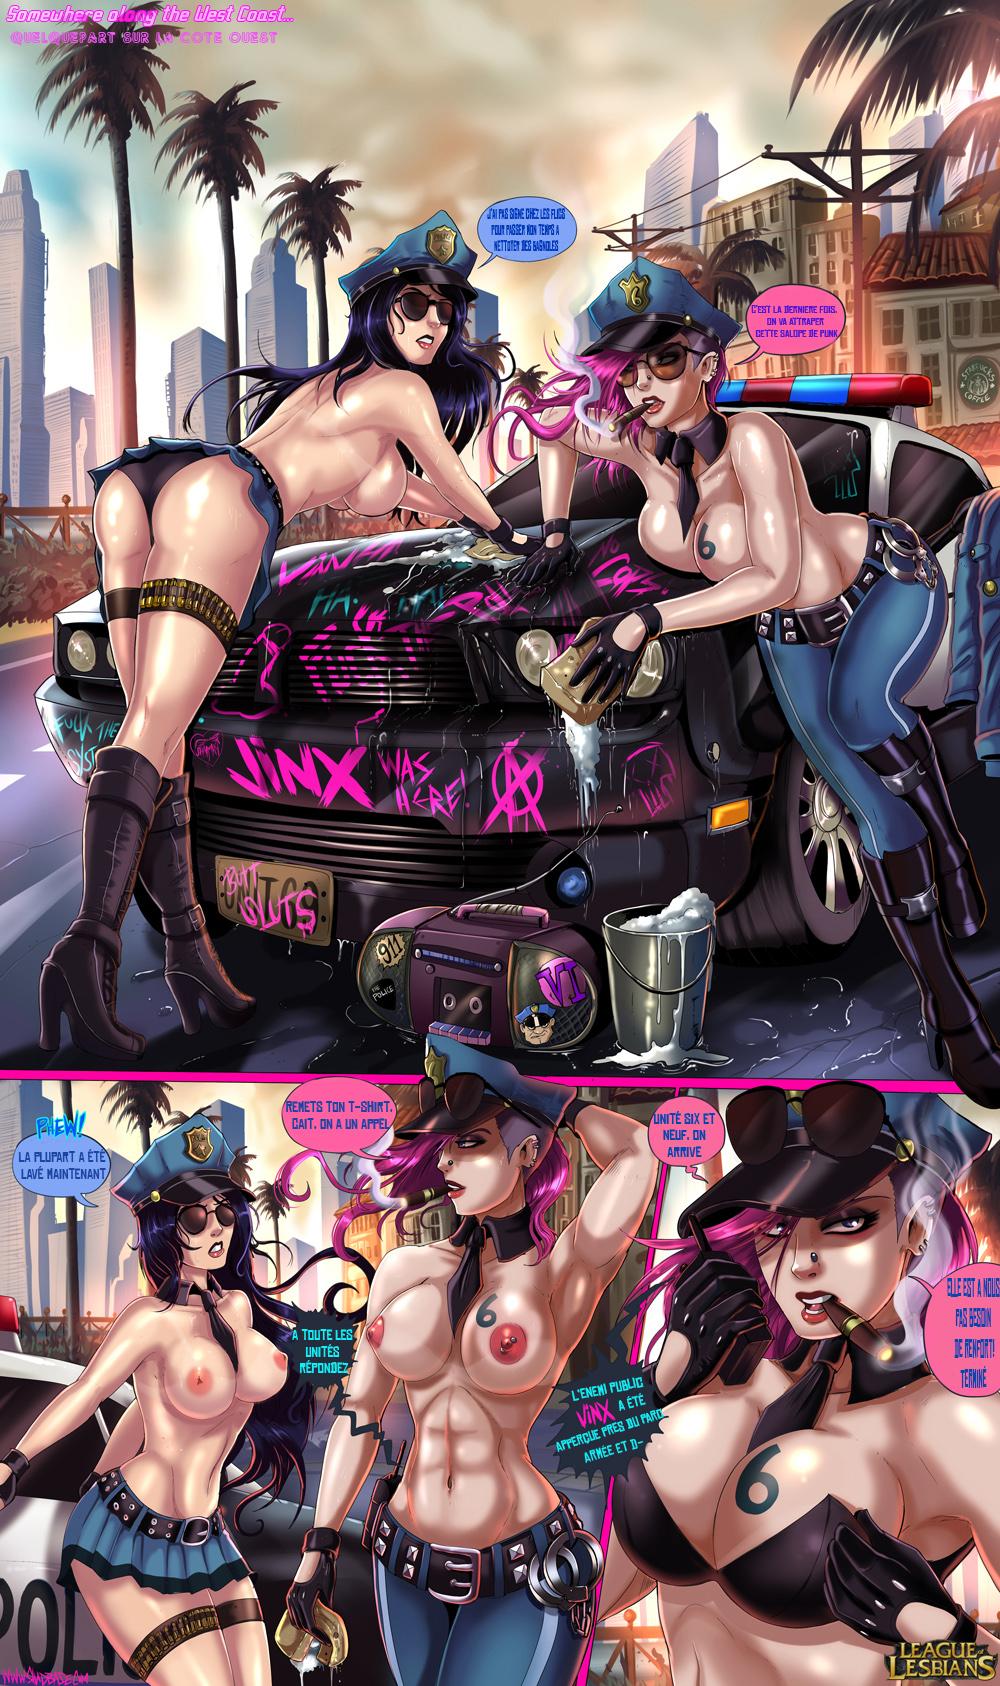 League of lesbians porn pics sexy film